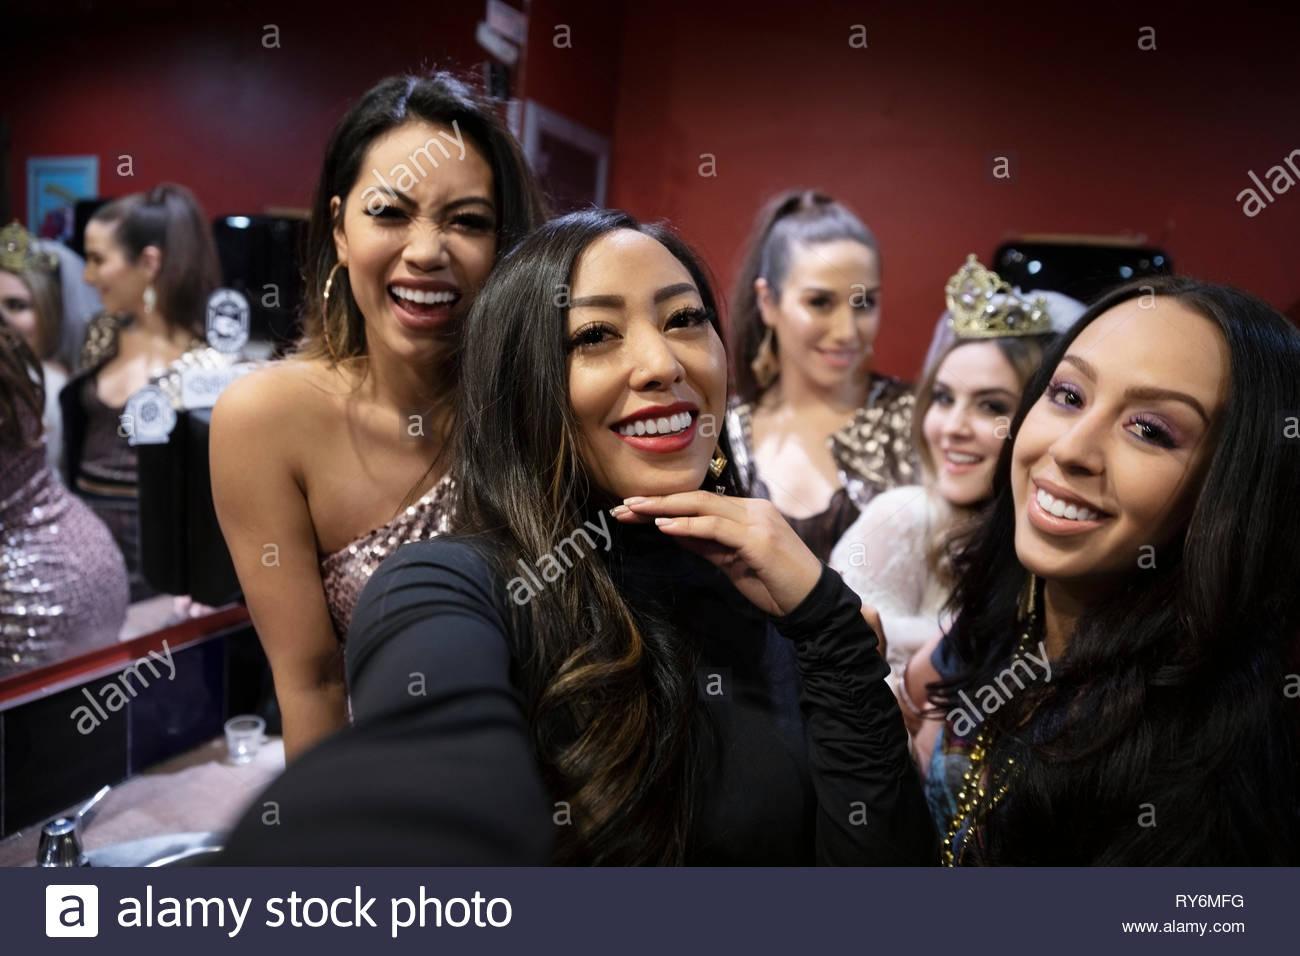 Punto de vista Selfie mujeres amigas en discoteca baño Imagen De Stock